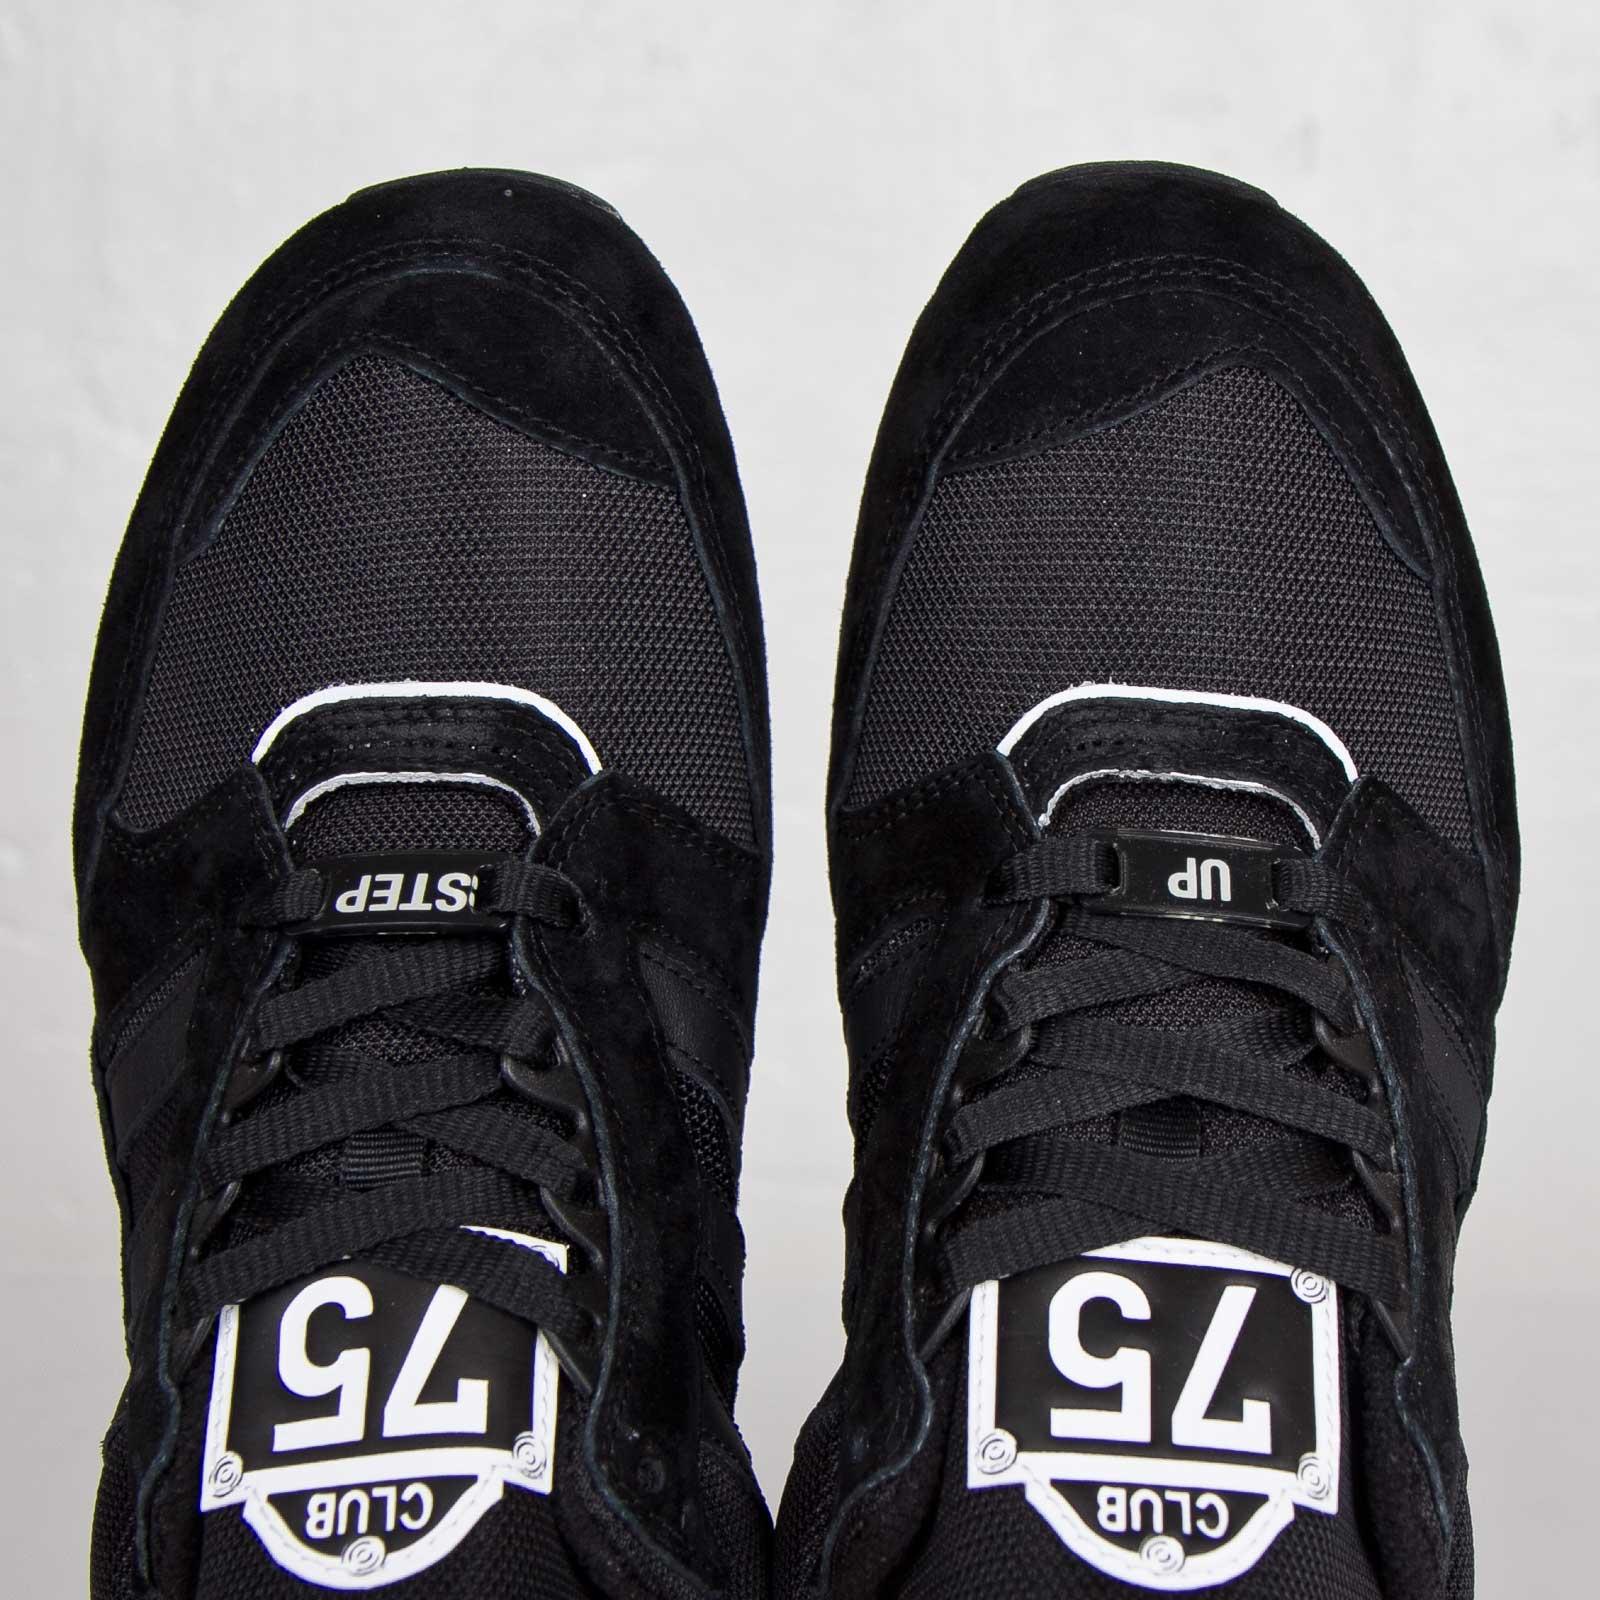 219498074faa adidas C75 EQT - B41217 - Sneakersnstuff